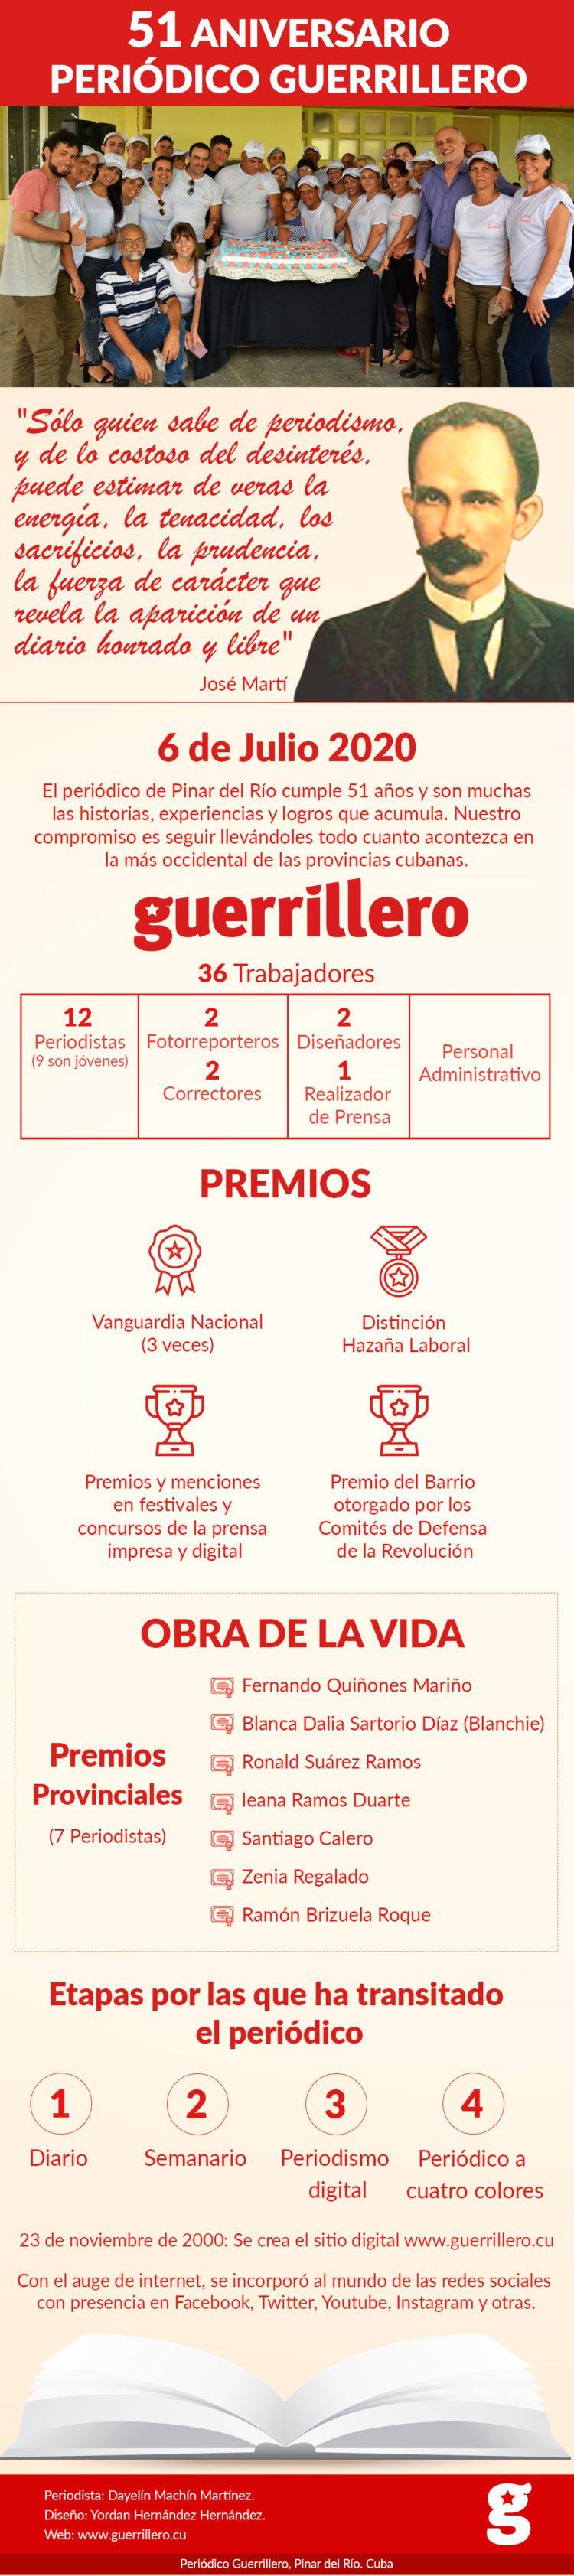 Infografía 51 Aniversario de Guerrillero